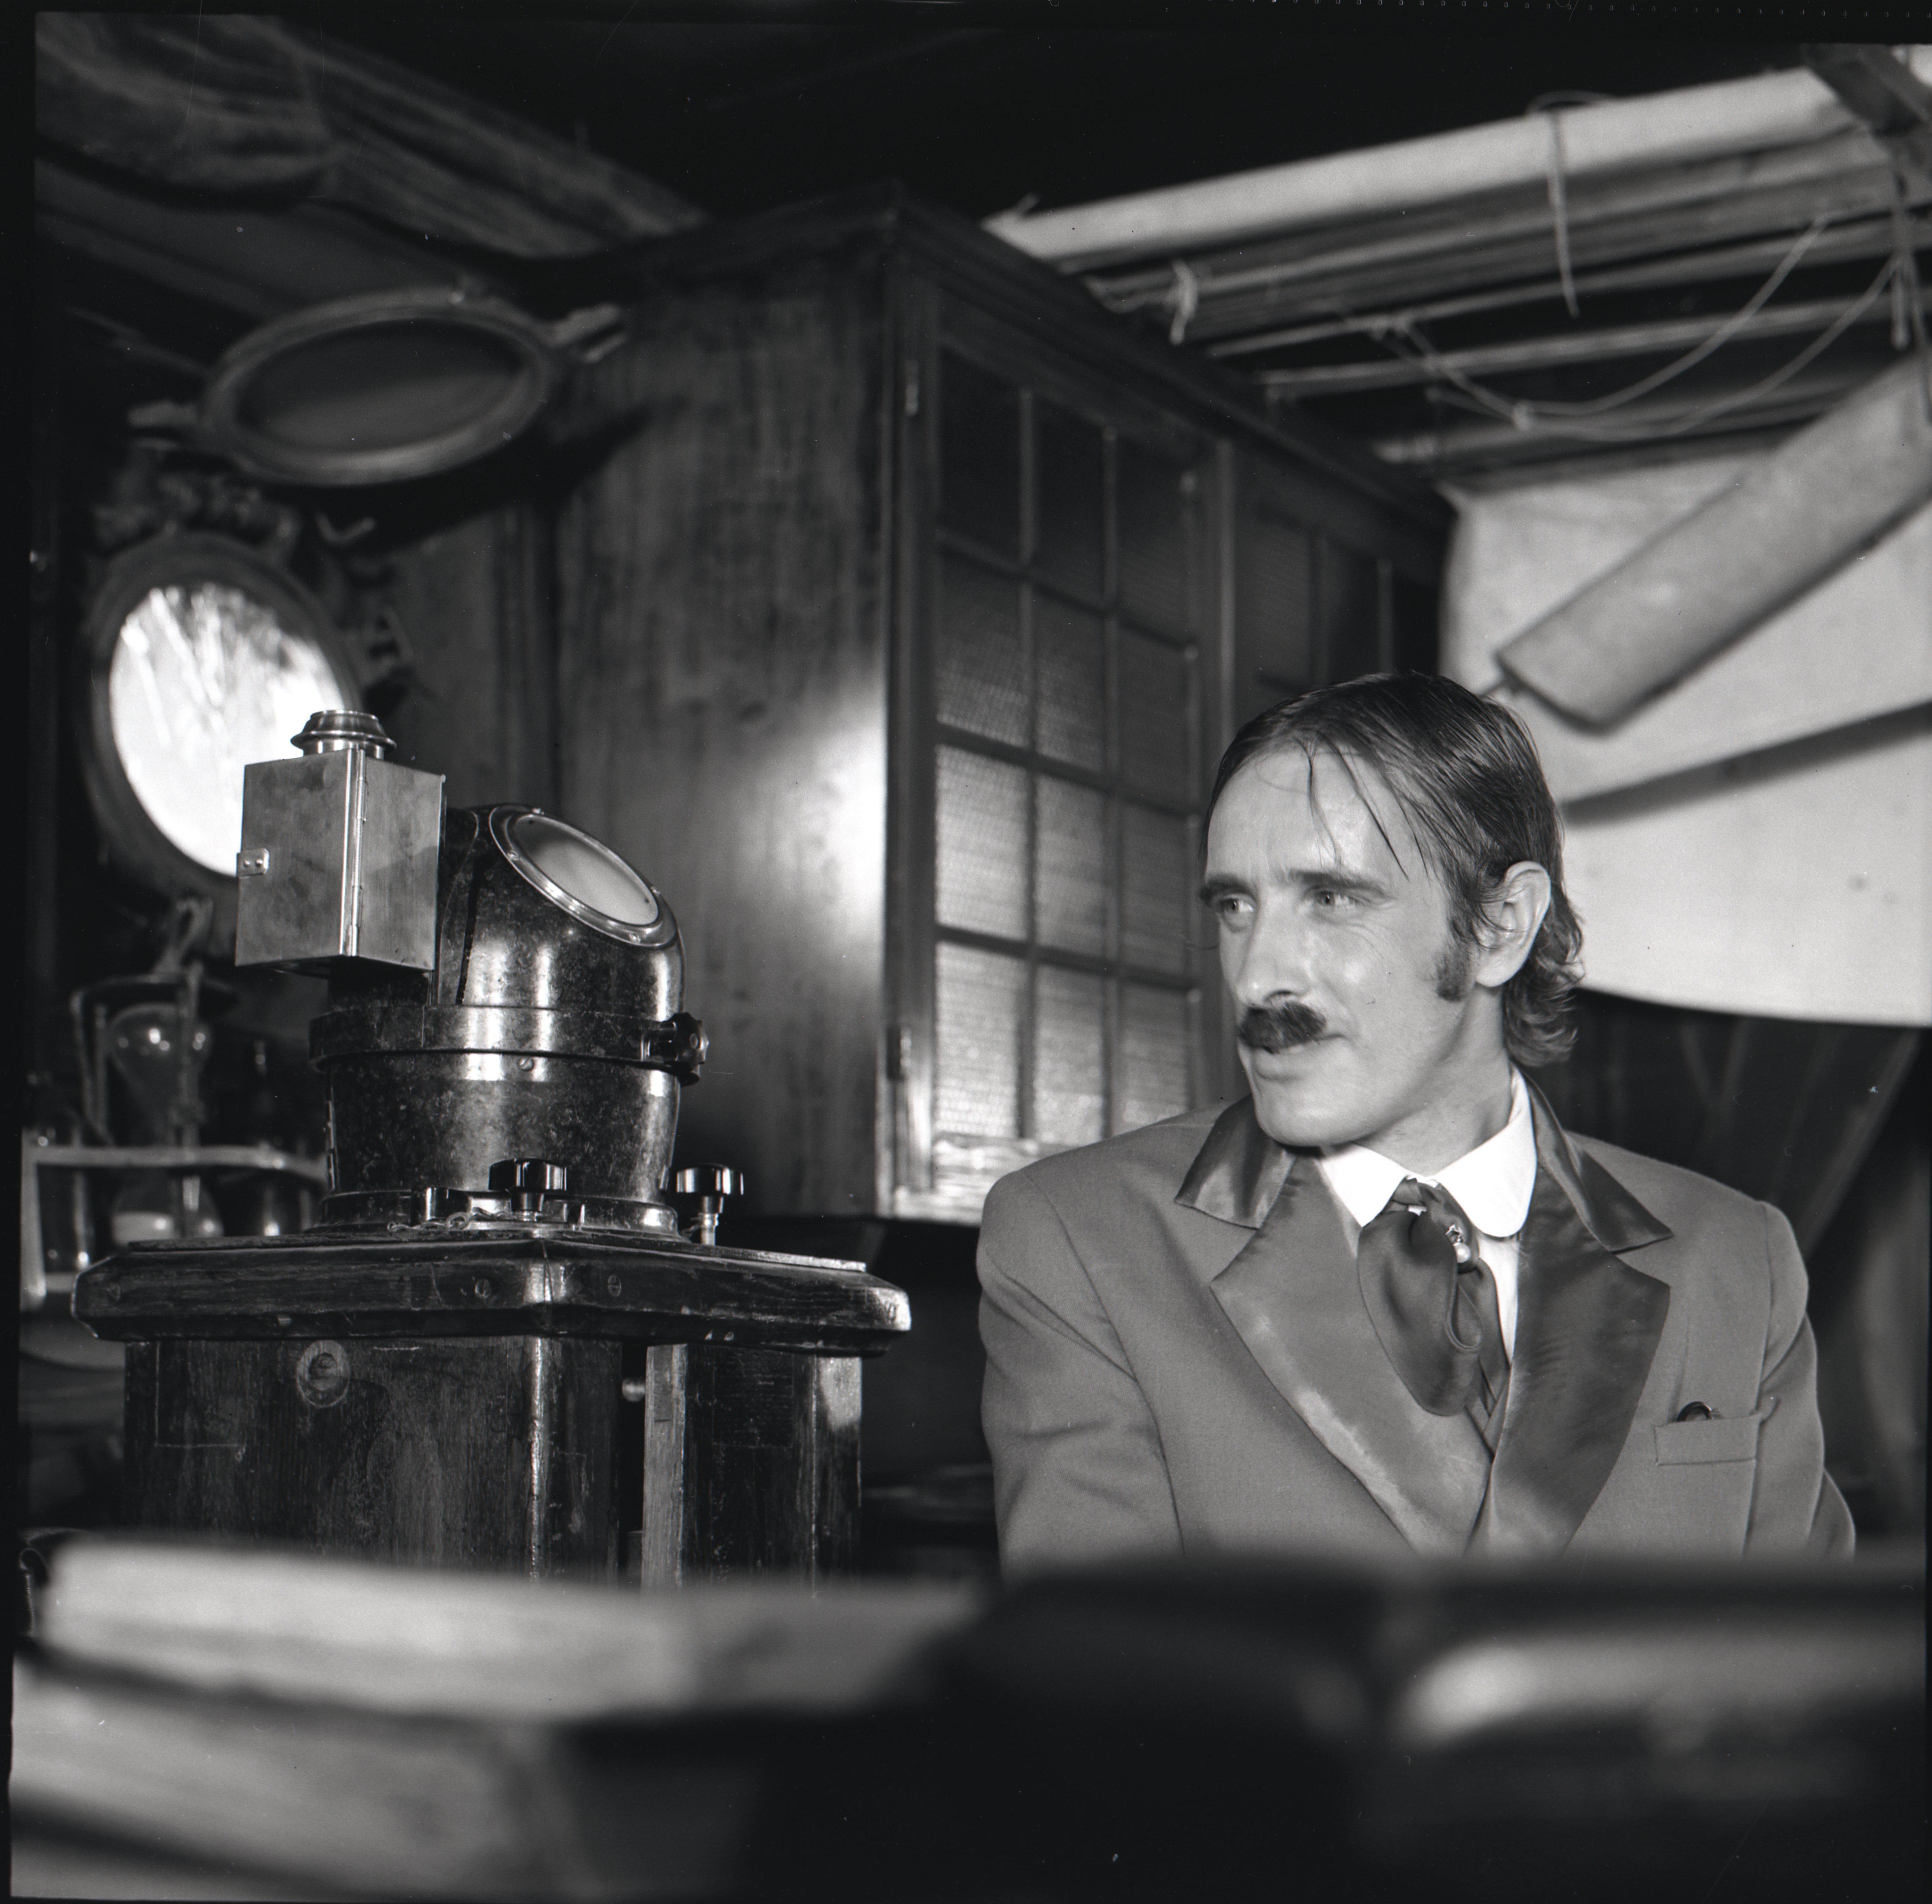 """EFA 0-203815. Ruuge Tüüp – Lembit Ulfsak – mängufilmis """"Arabella, mereröövli tütar"""". Foto: Viktor Mendunen, 1982"""